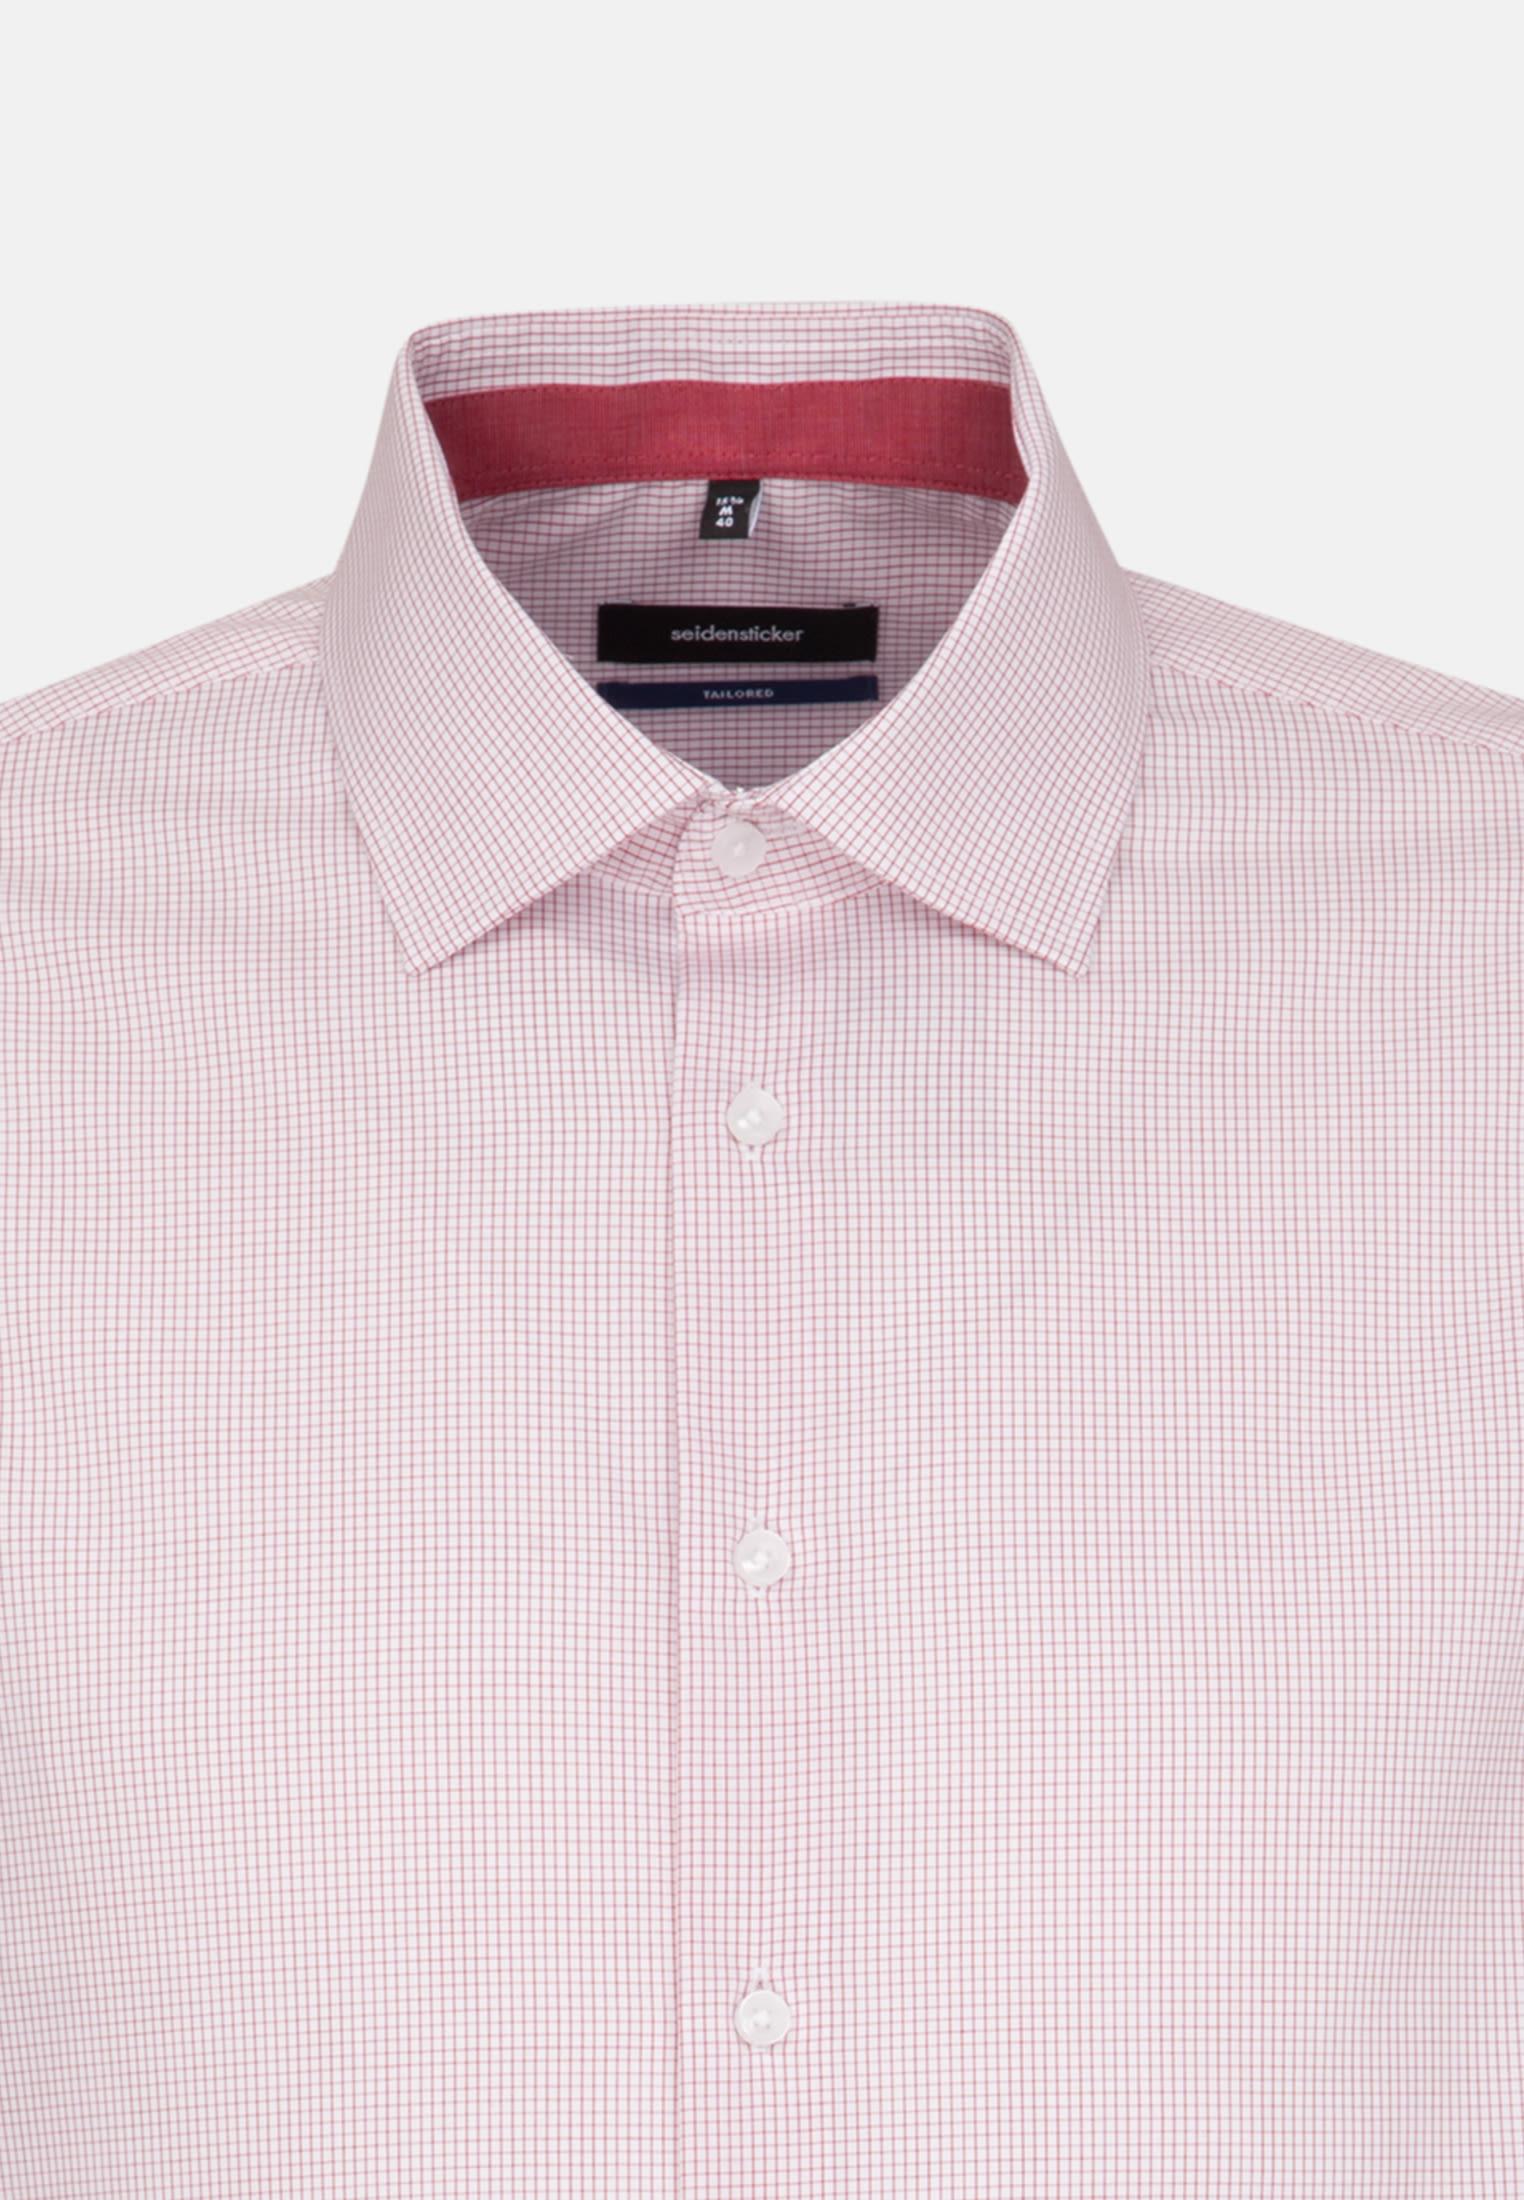 Bügelfreies Popeline Business Hemd in Tailored mit Kentkragen in Rot |  Seidensticker Onlineshop